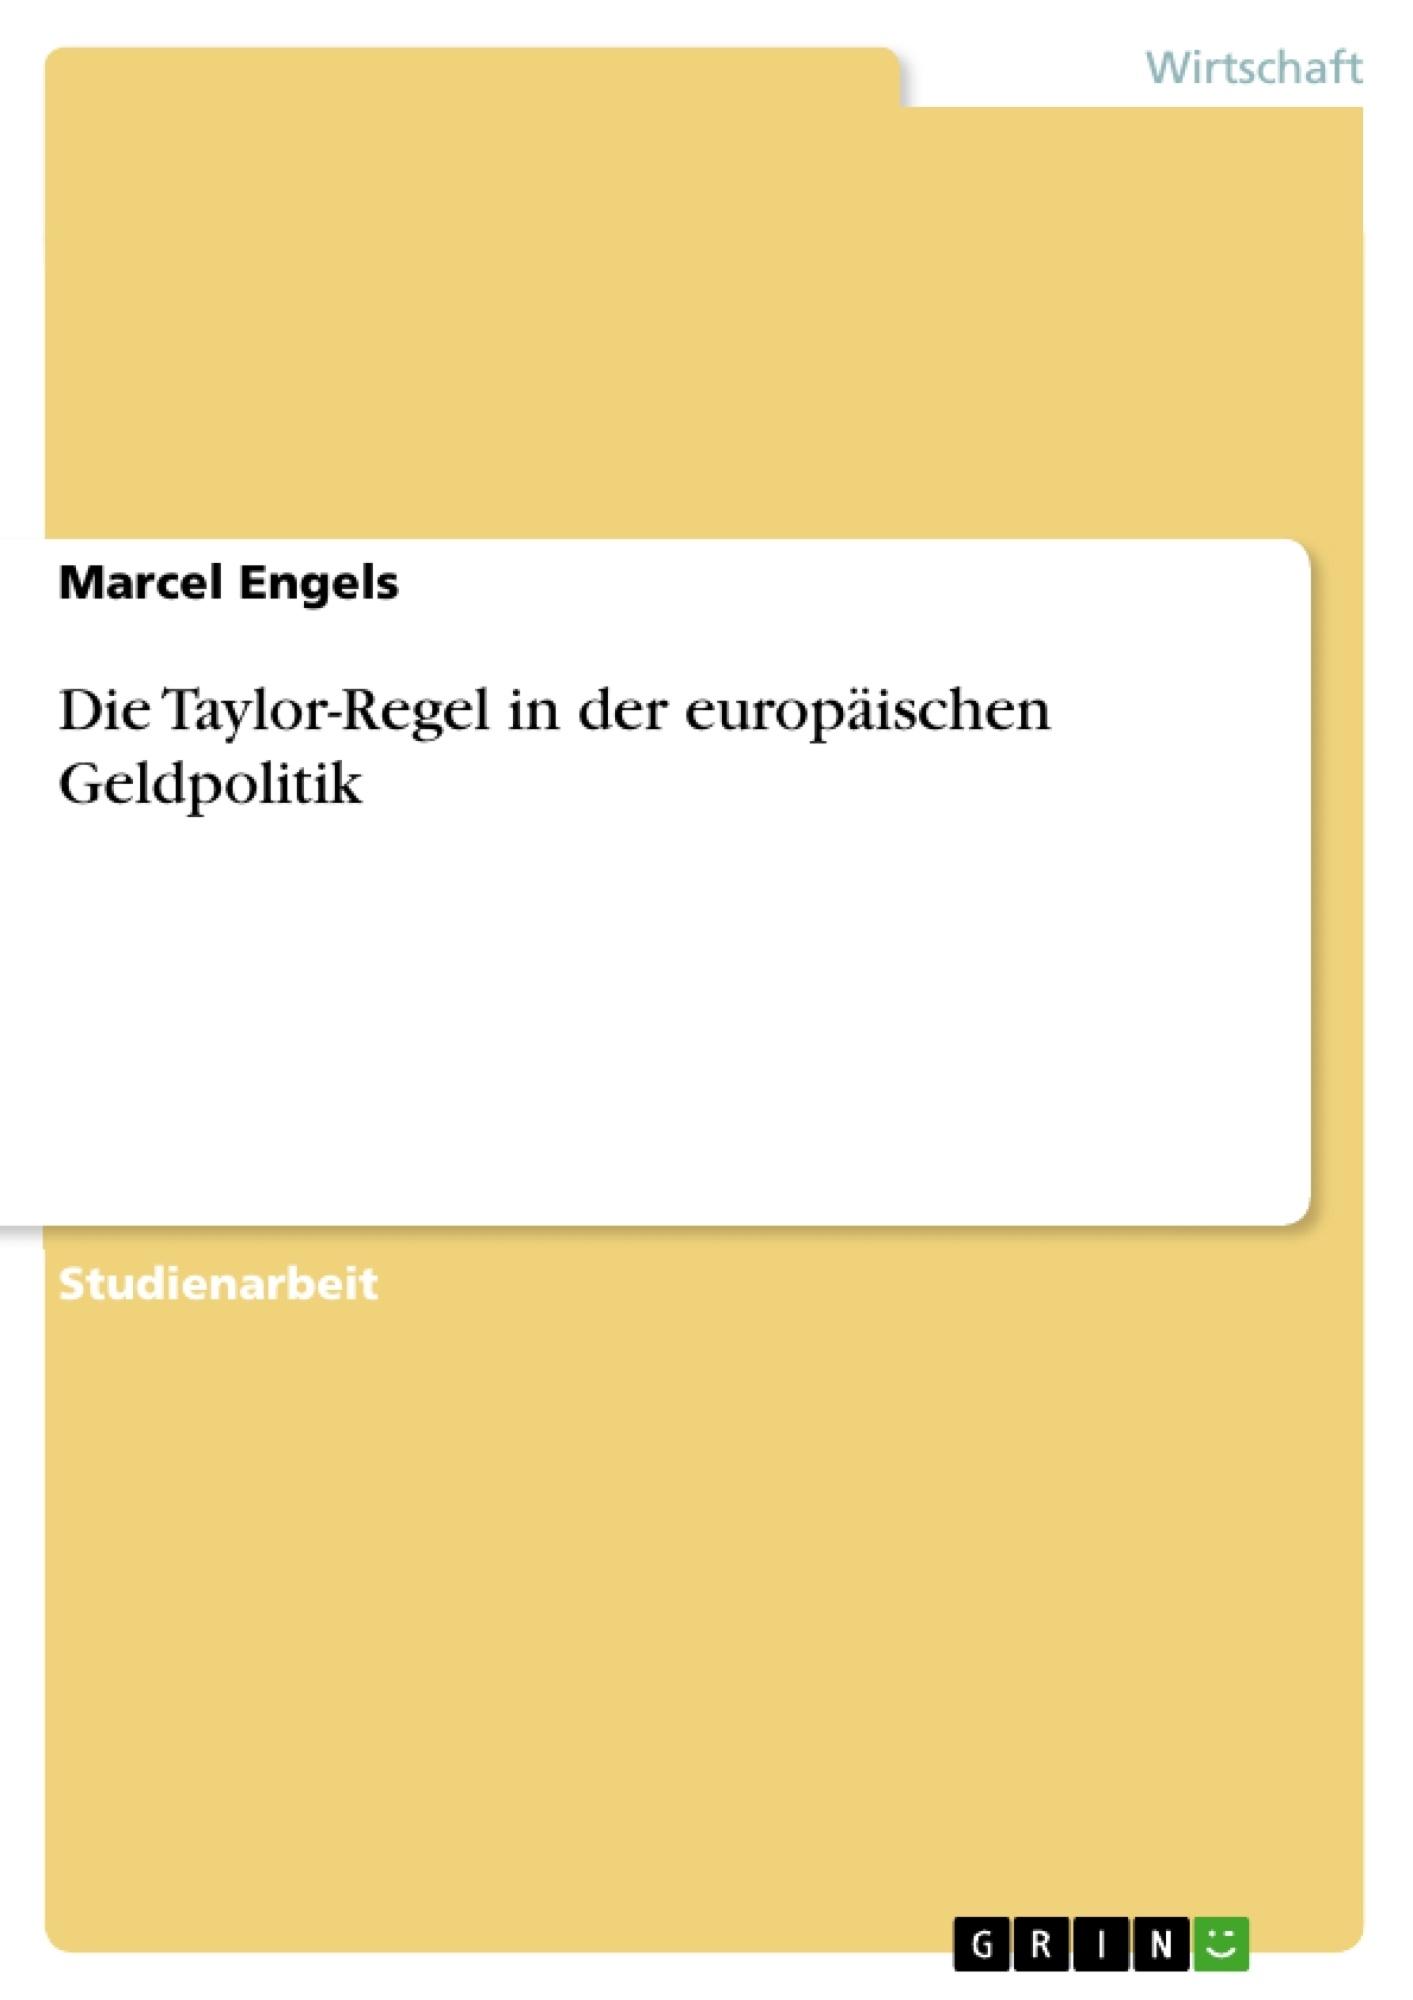 Titel: Die Taylor-Regel in der europäischen Geldpolitik